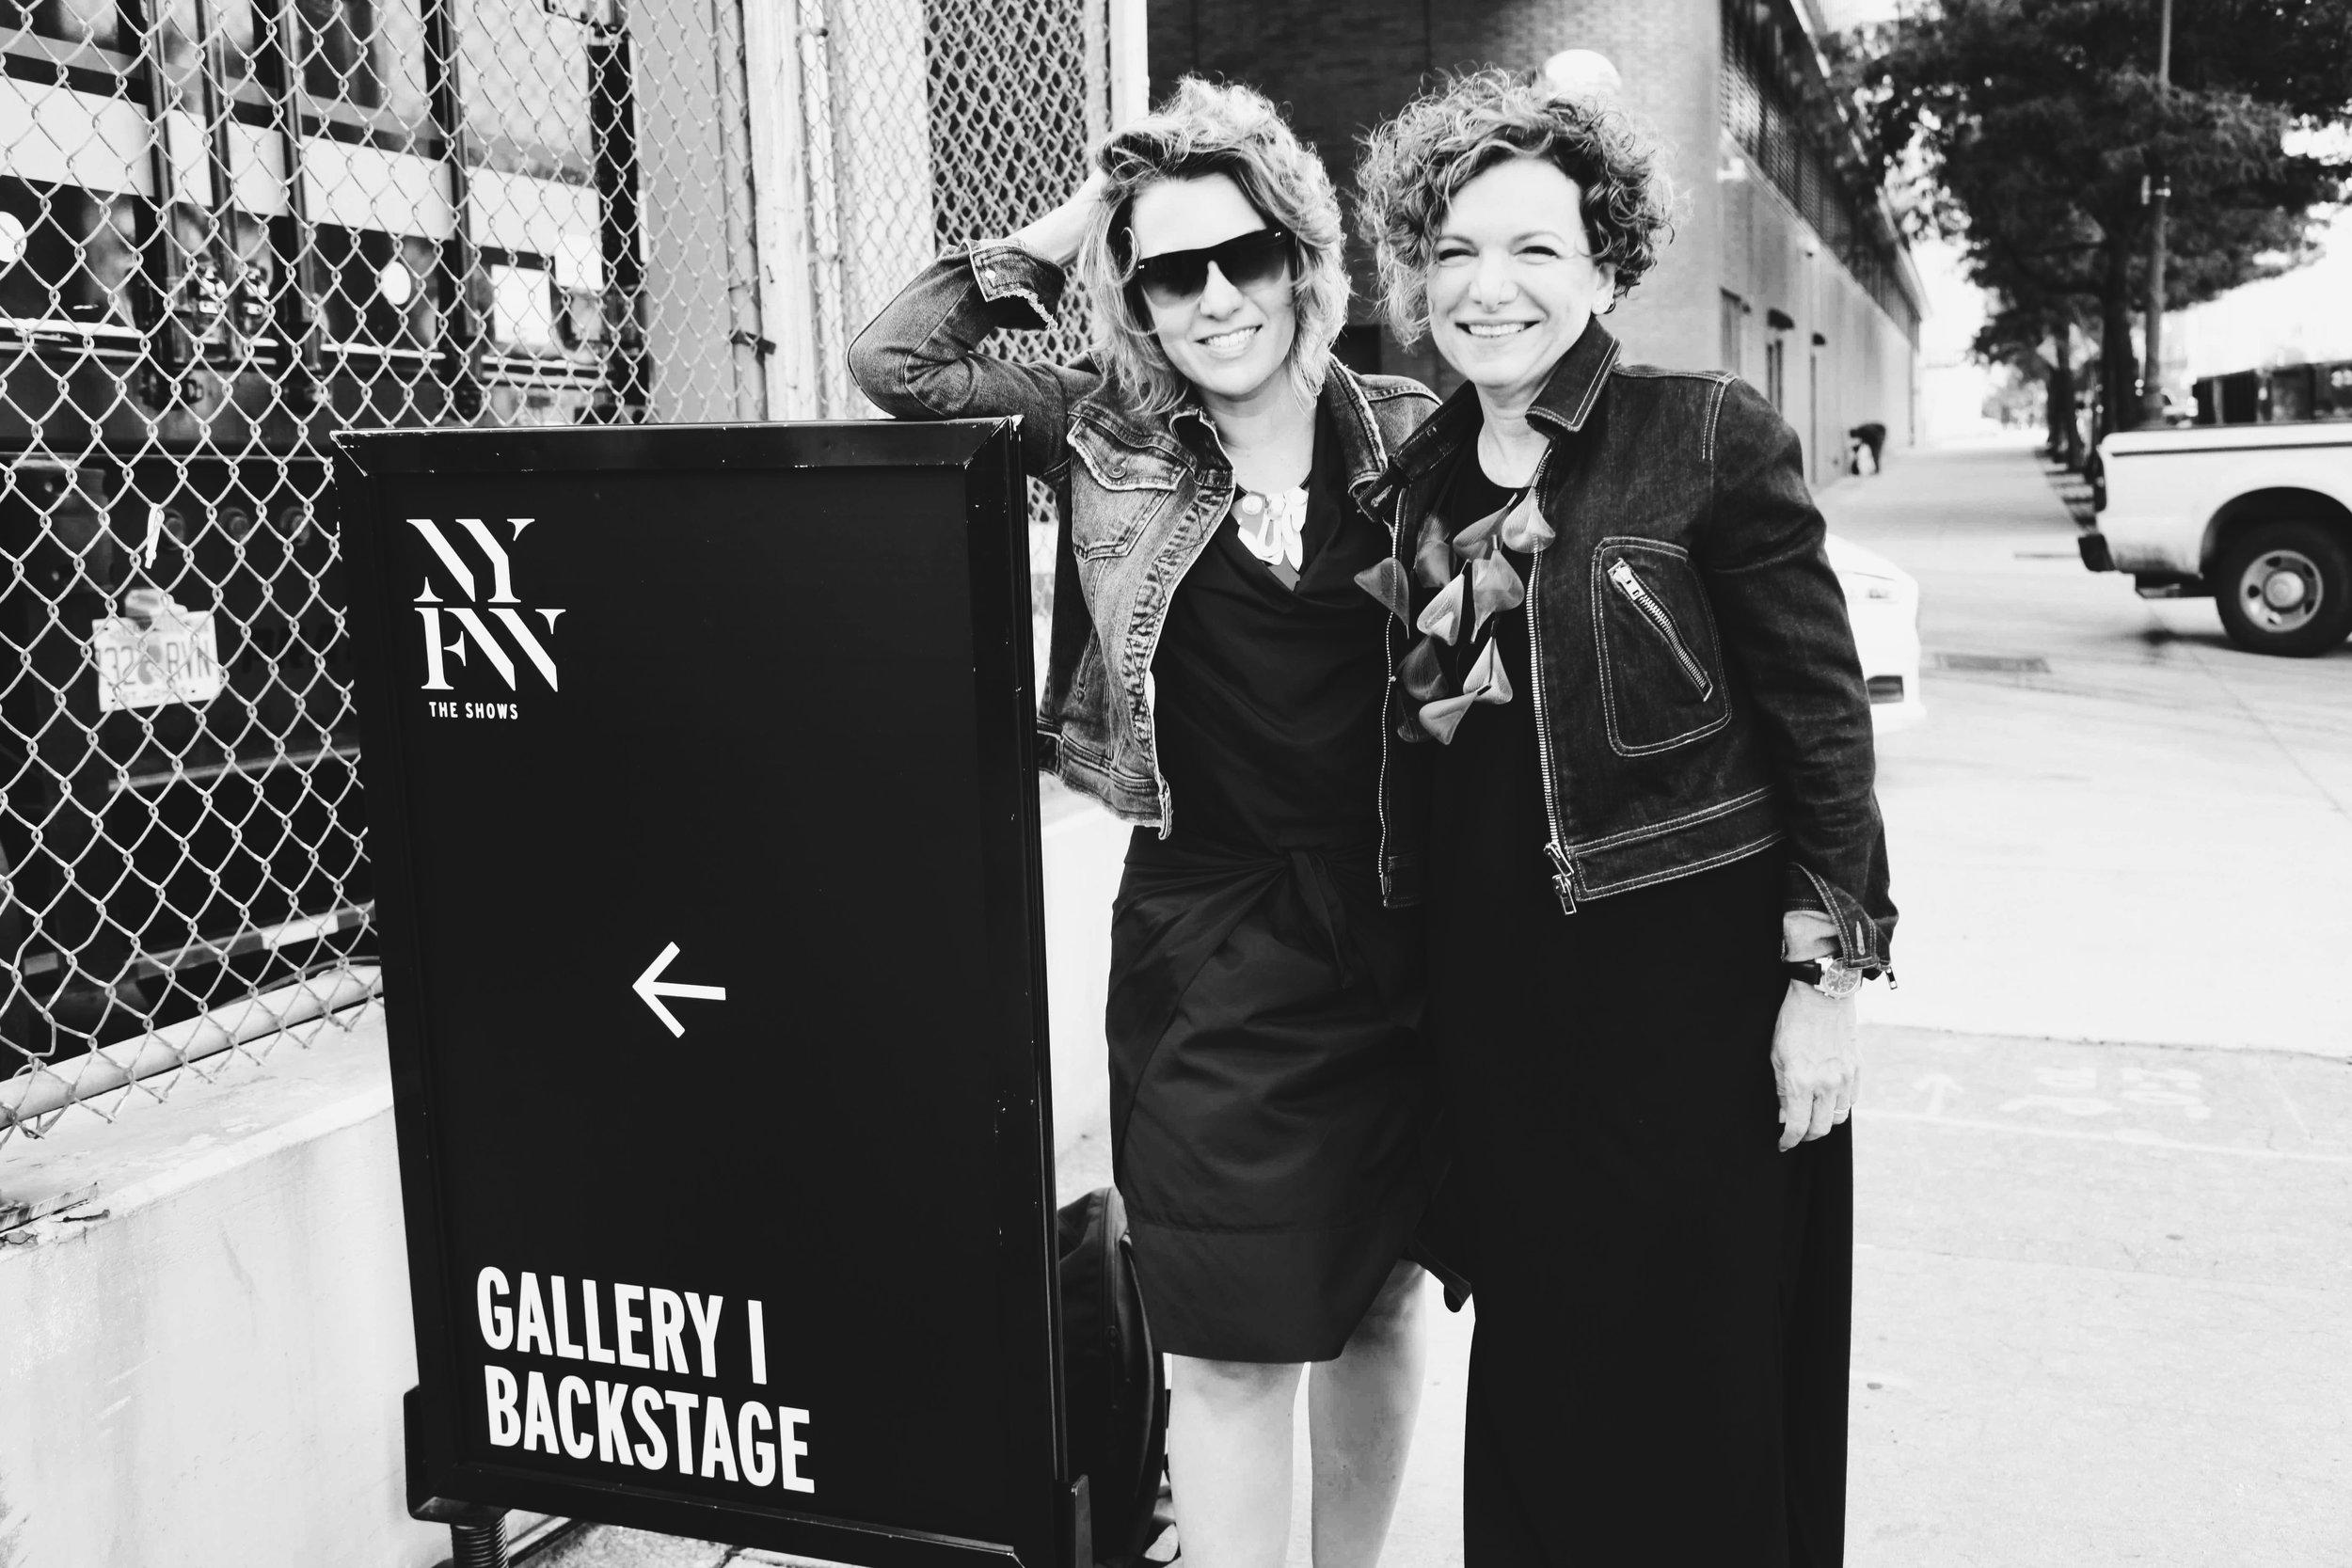 BCDBD1A3 982D 48F1 A8BE 4EAC0F08EA23 - Marcia Crivorot e Silvia Scigliano, da NY Fashion Tour